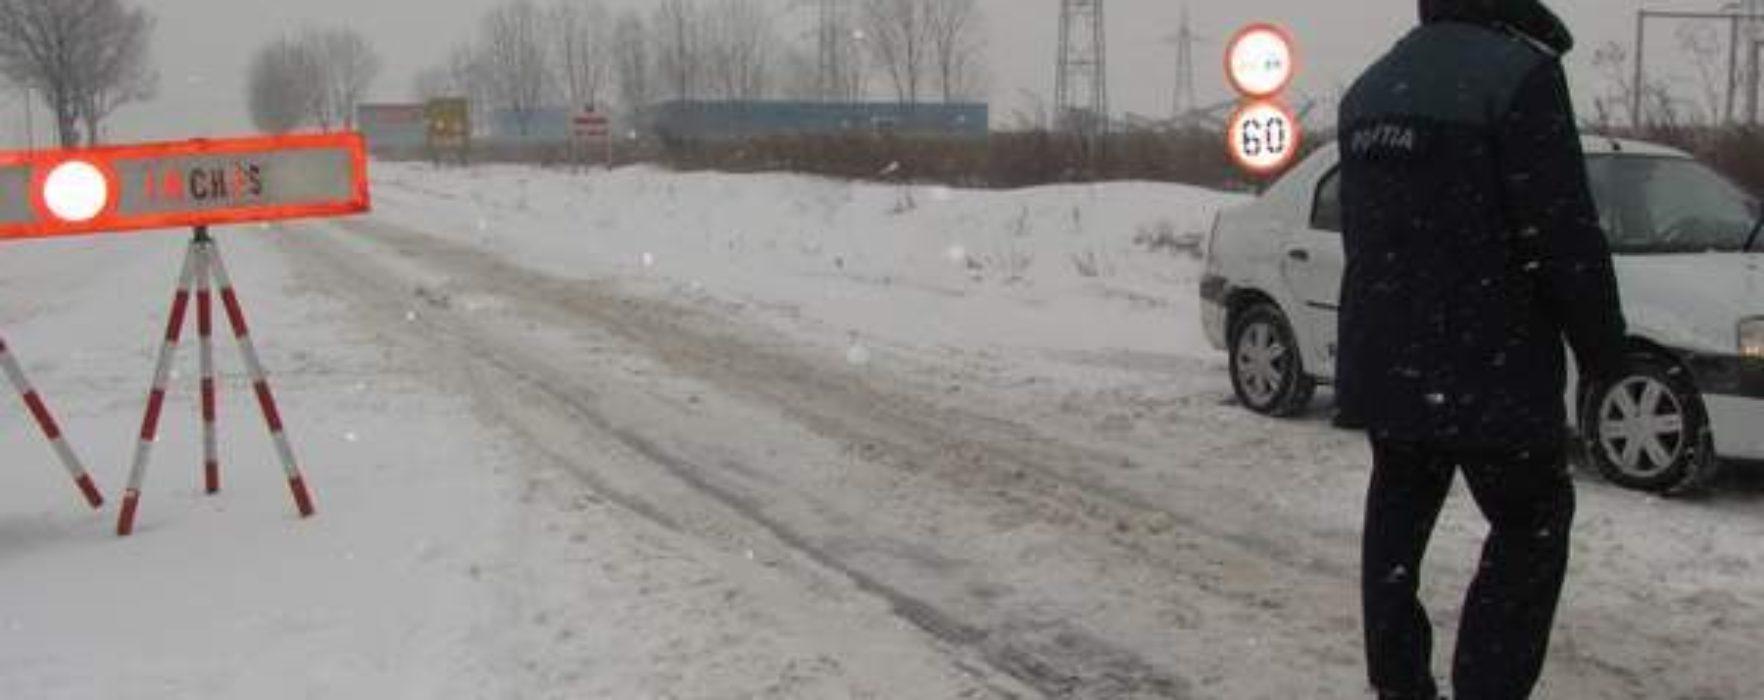 Dâmboviţa: Două drumuri închise, DN 71 şi DJ 711D, şi patru ambulanţe blocate